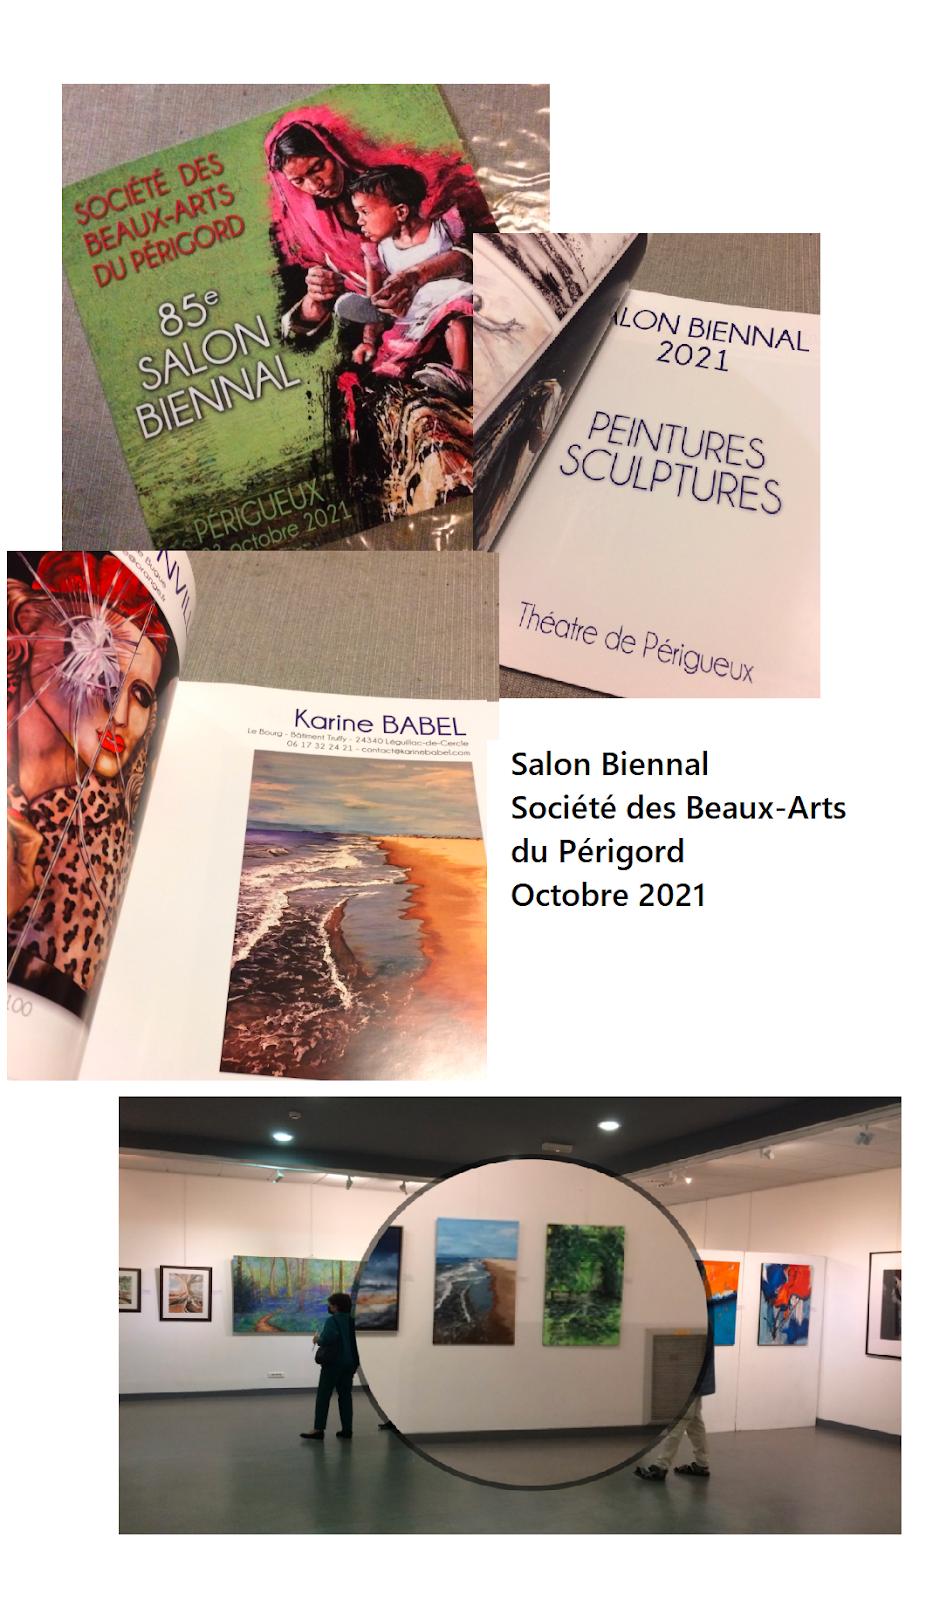 Salon biennal de la Société des Beaux-Arts du Périgord 2021